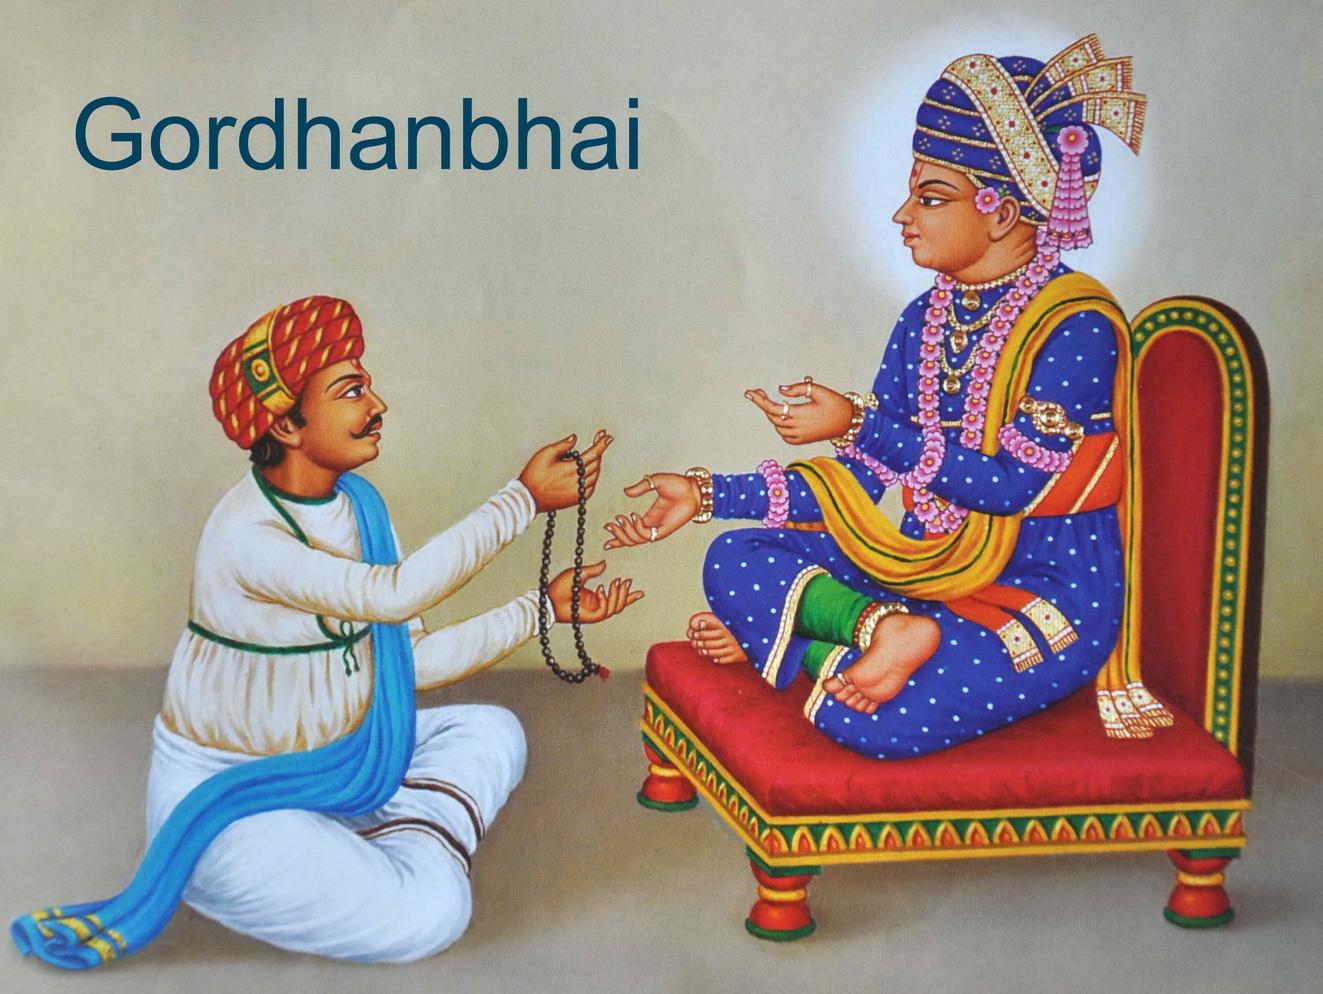 GORDHANBHAI